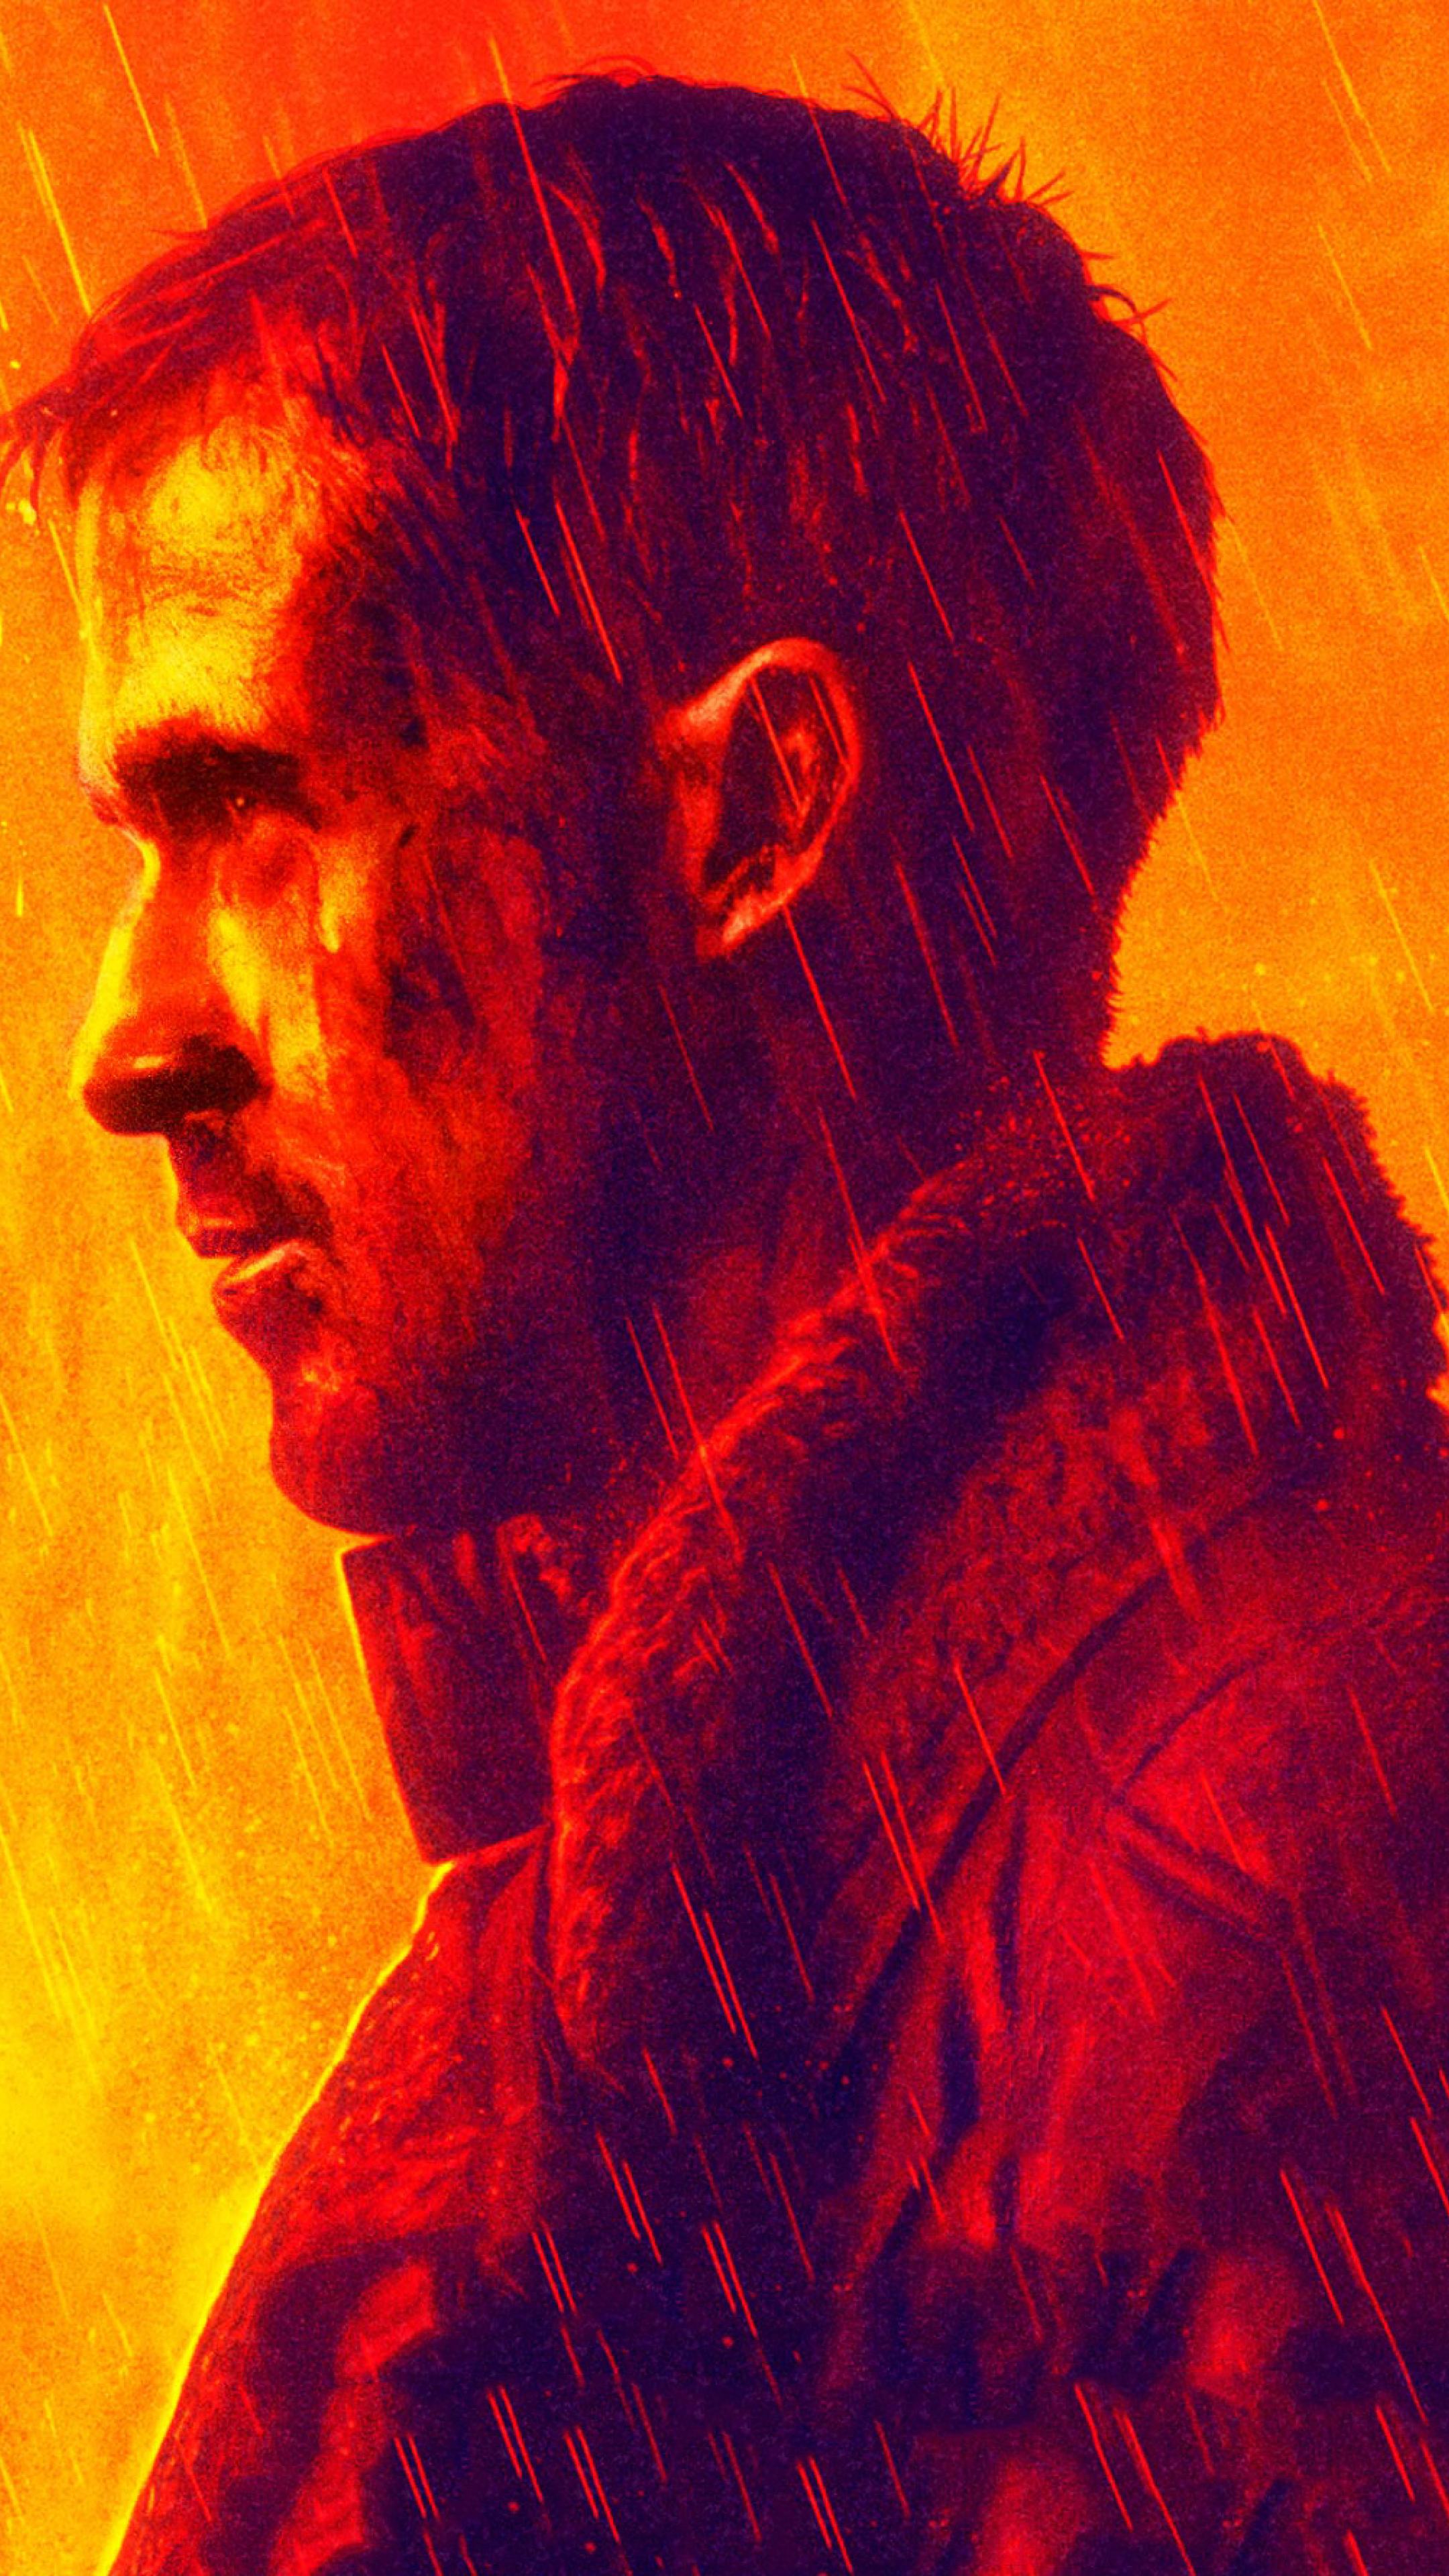 Blade Runner 2049 2017 Phone Wallpaper Blade Runner Blade